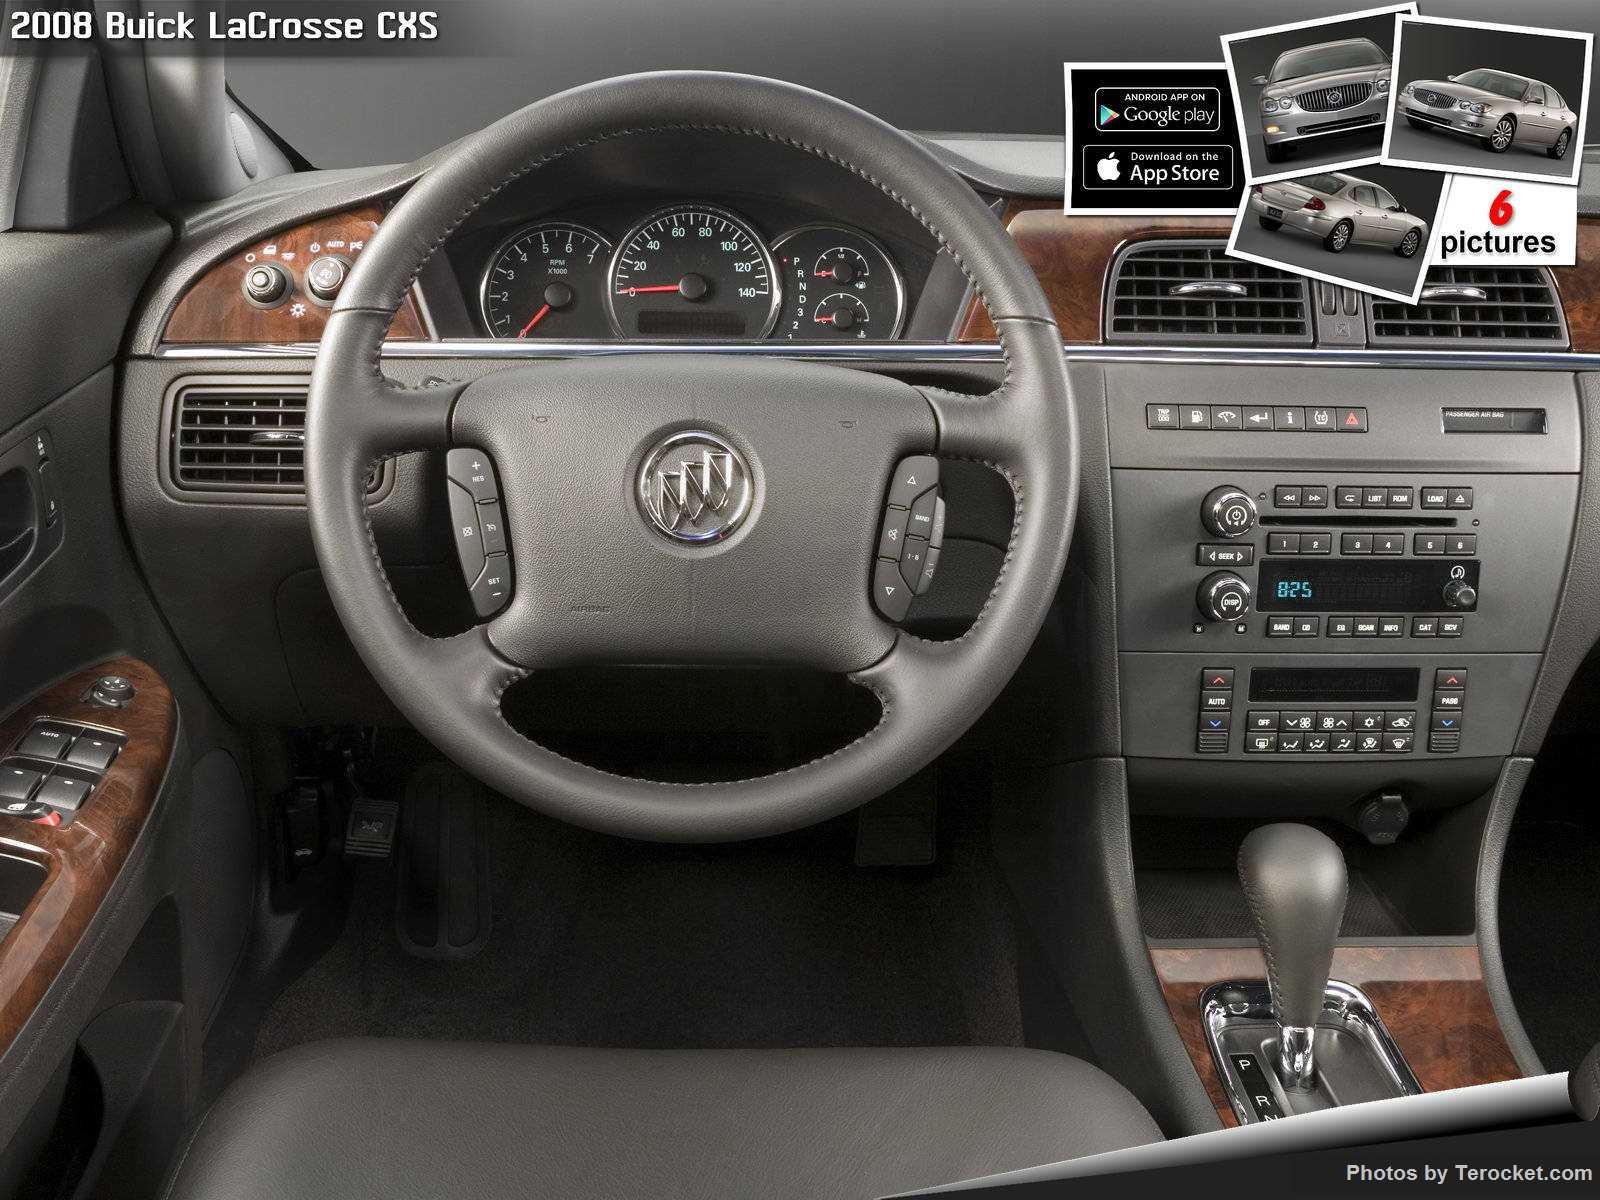 Hình ảnh xe ô tô Buick LaCrosse CXS 2008 & nội ngoại thất